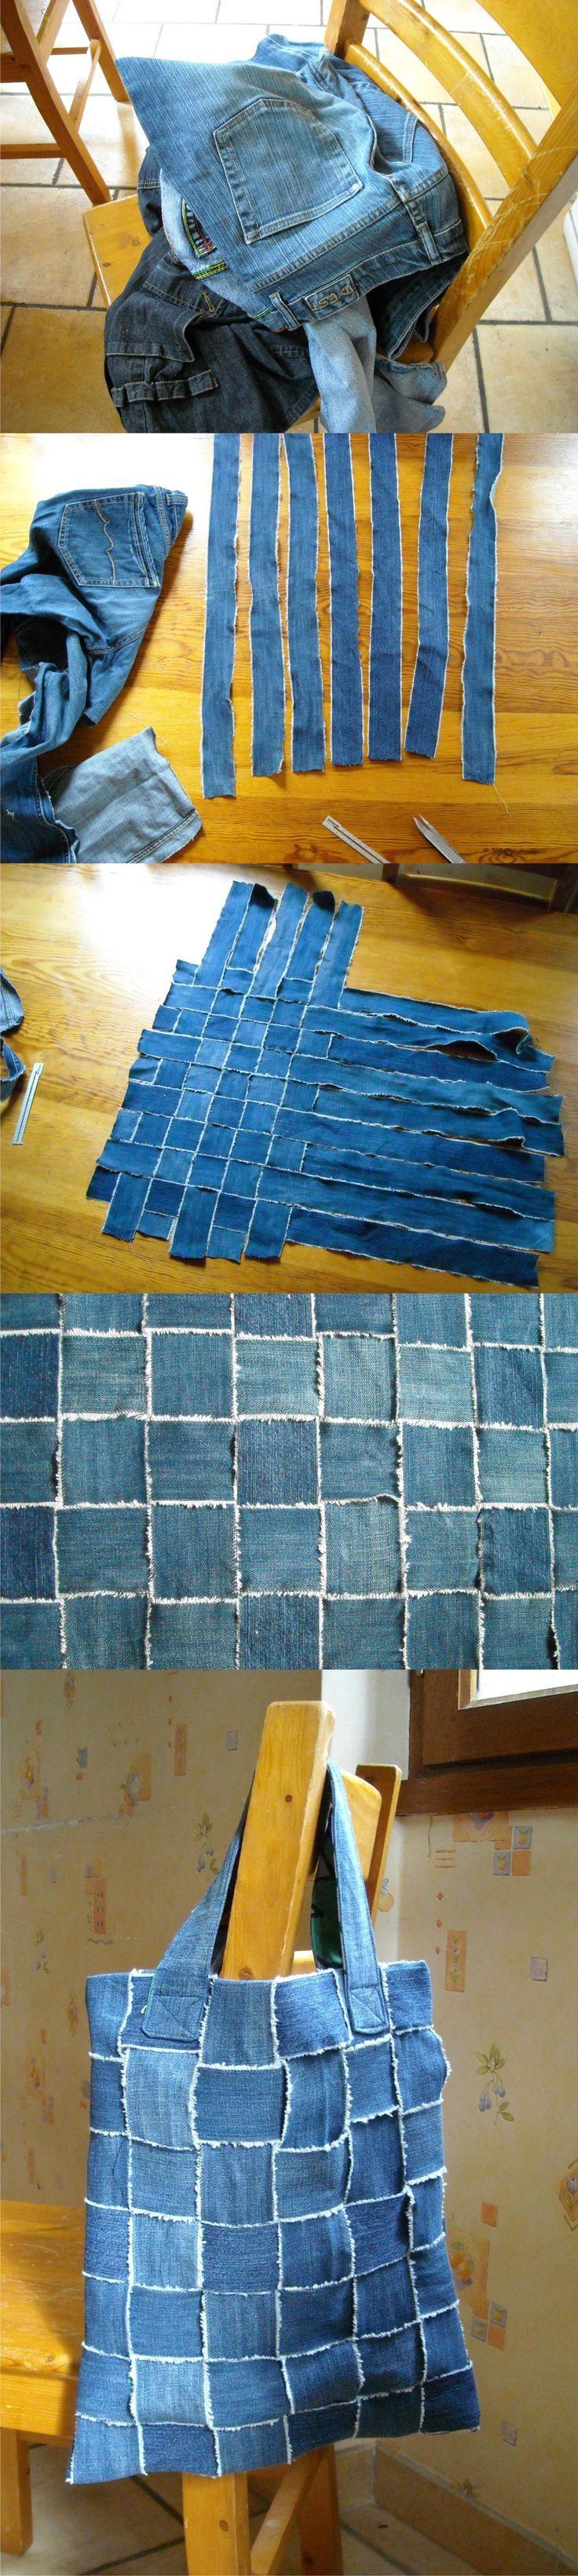 Riciclaggio del sacchetto di vecchi jeans: | fabi | Pinterest ...